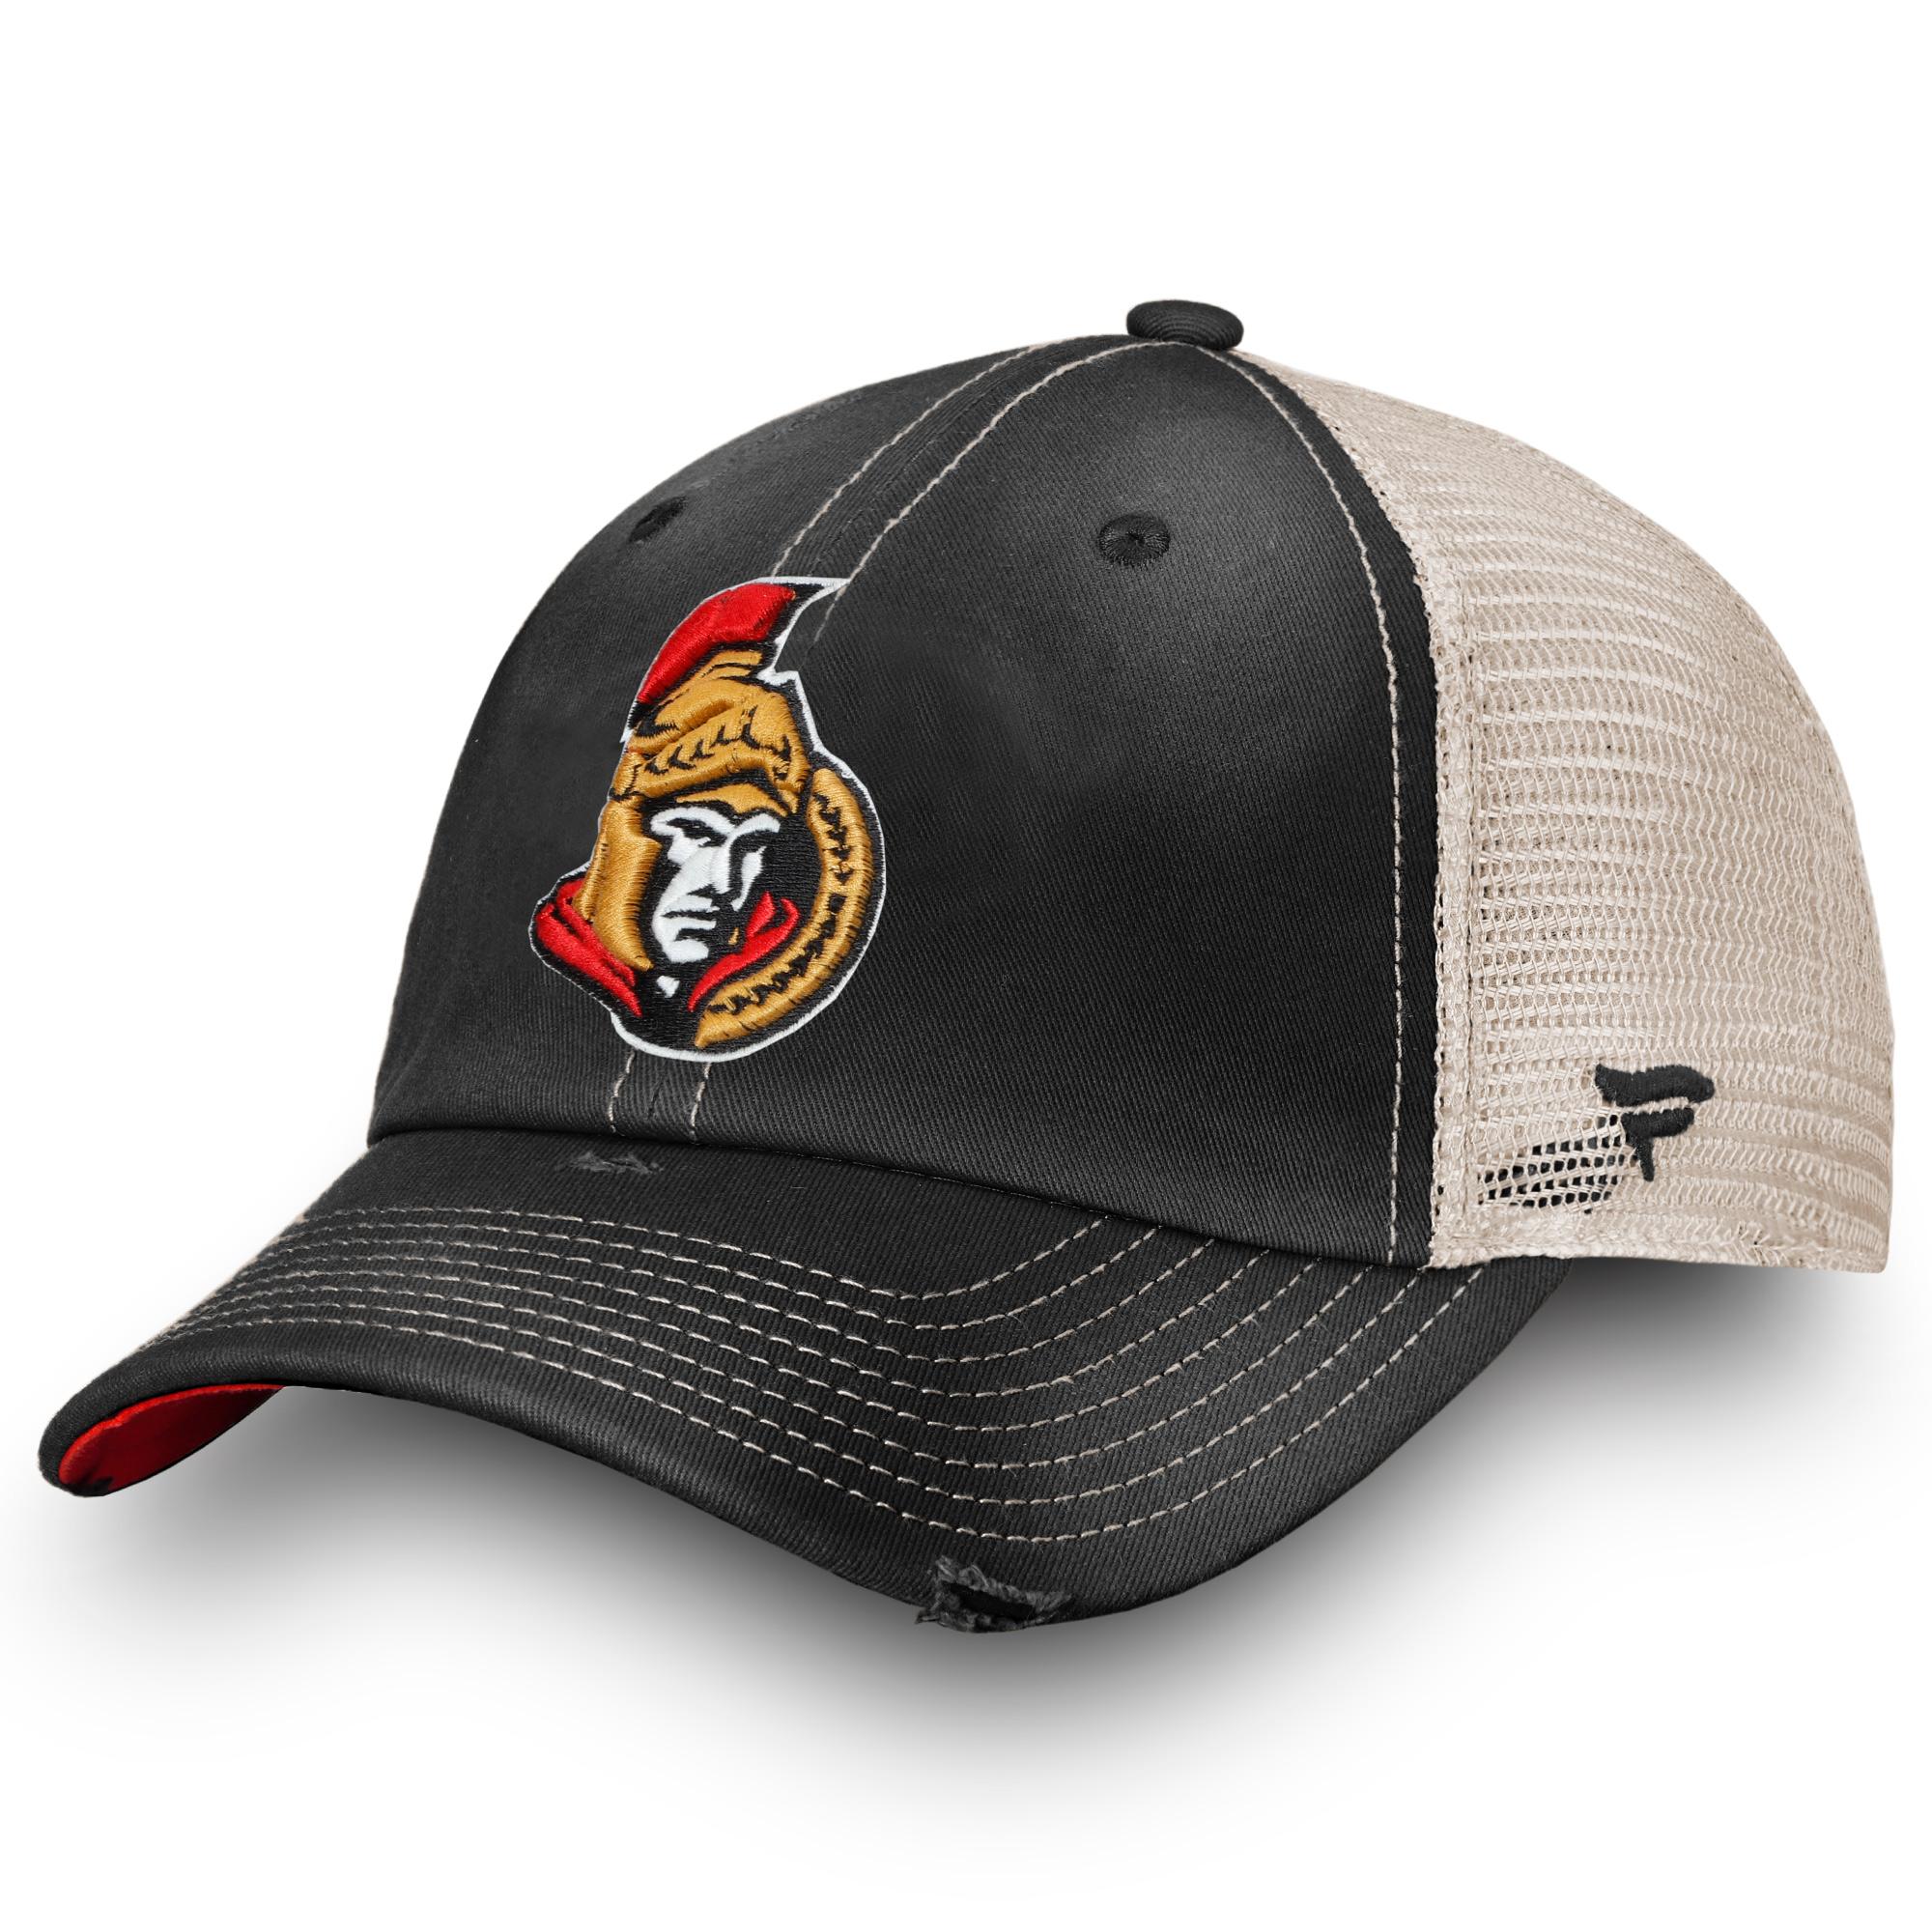 Ottawa Senators Fanatics Branded True Classic Washed Trucker Snapback Hat - Black - OSFA